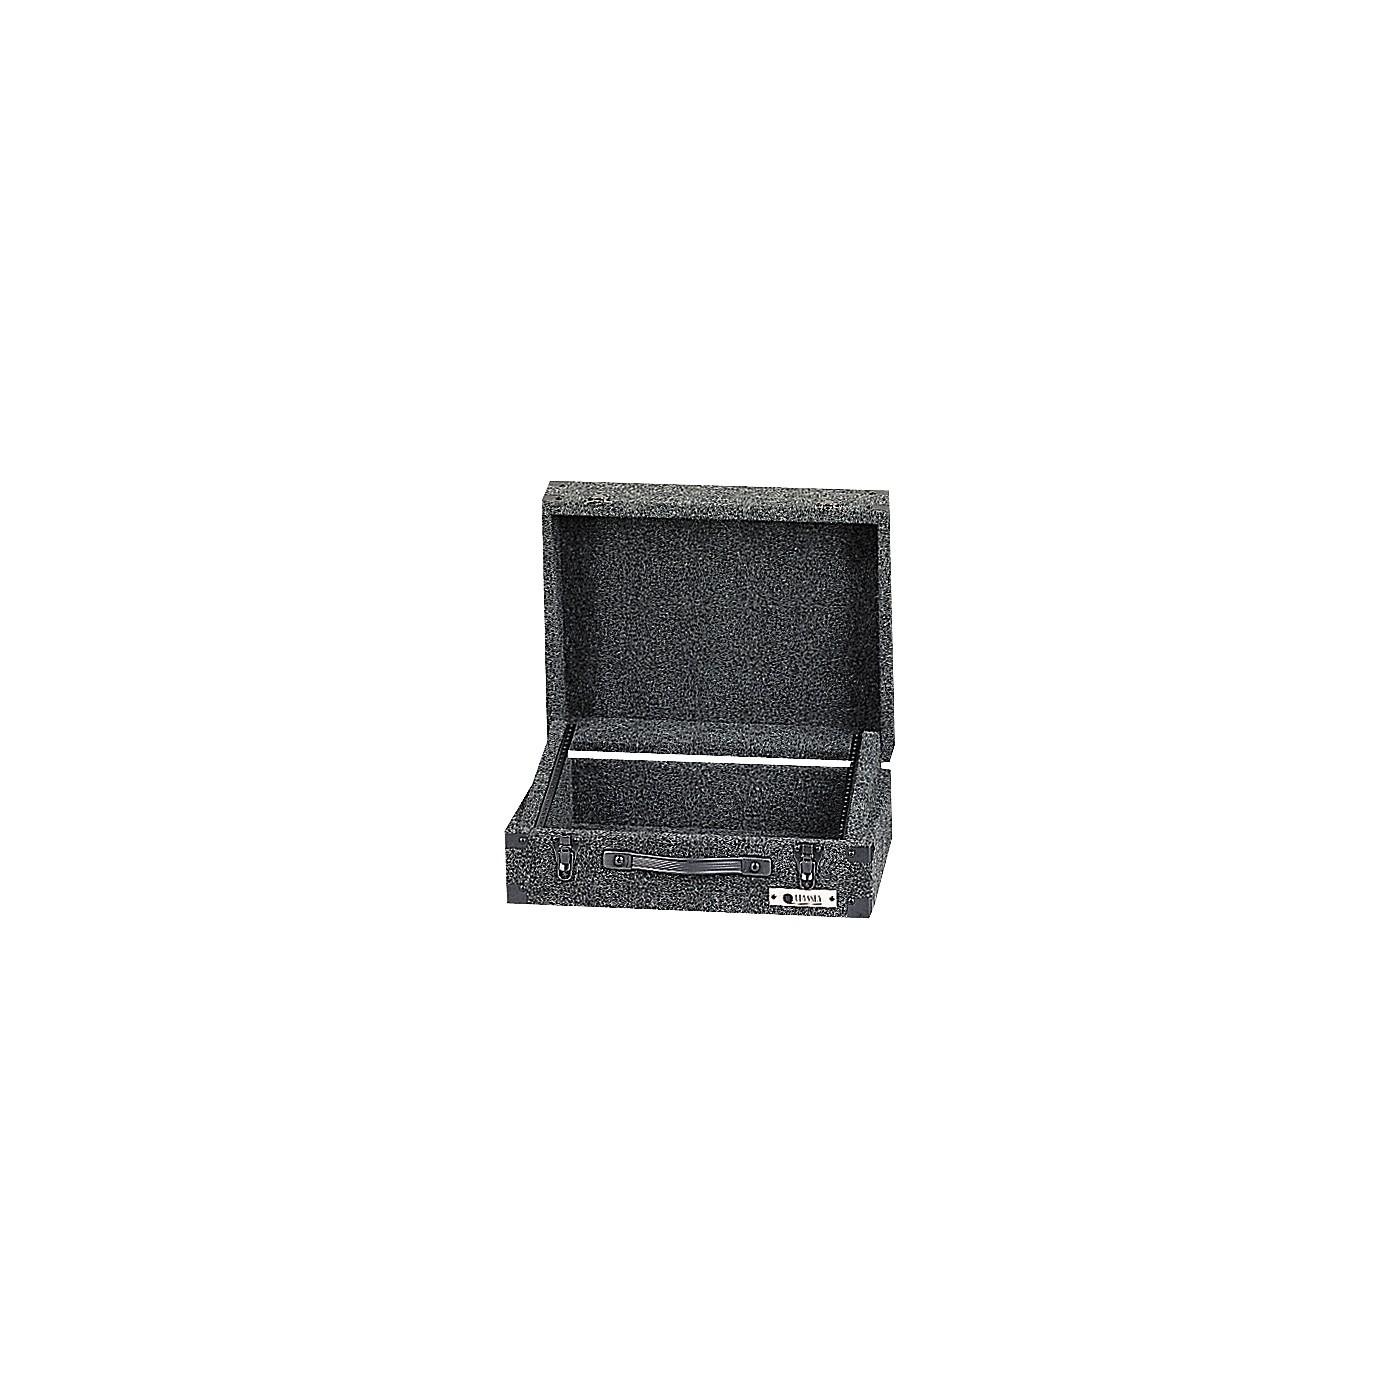 Odyssey CMX08E 8-Space Econo Mixer Case thumbnail